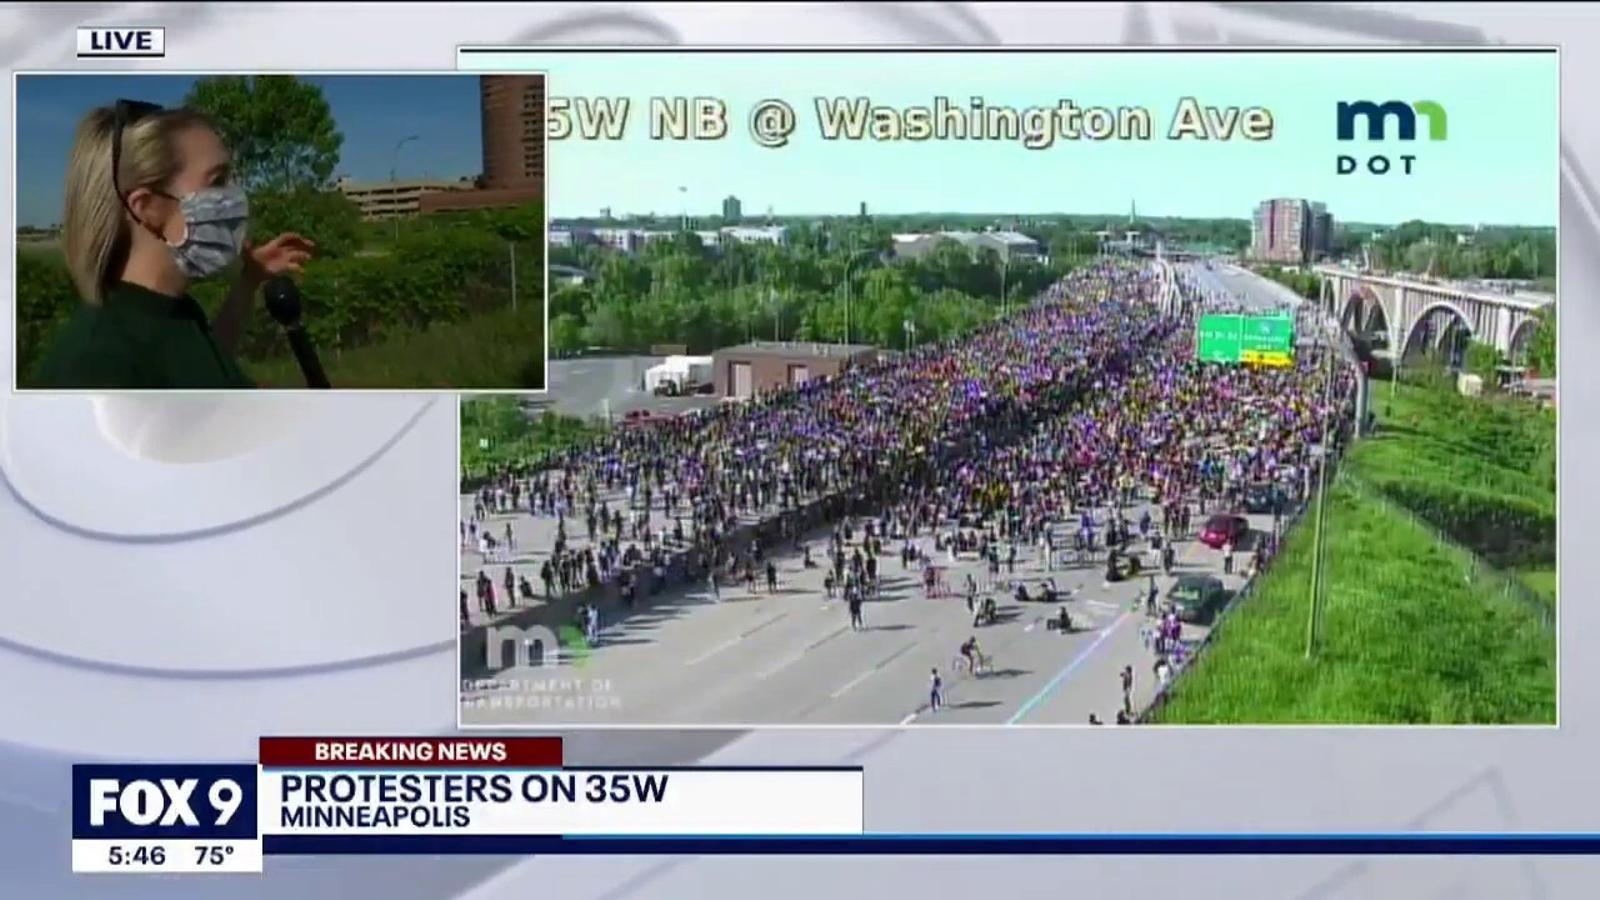 Camio embesteix multitud a Minneapolis, assassinat george Floyd